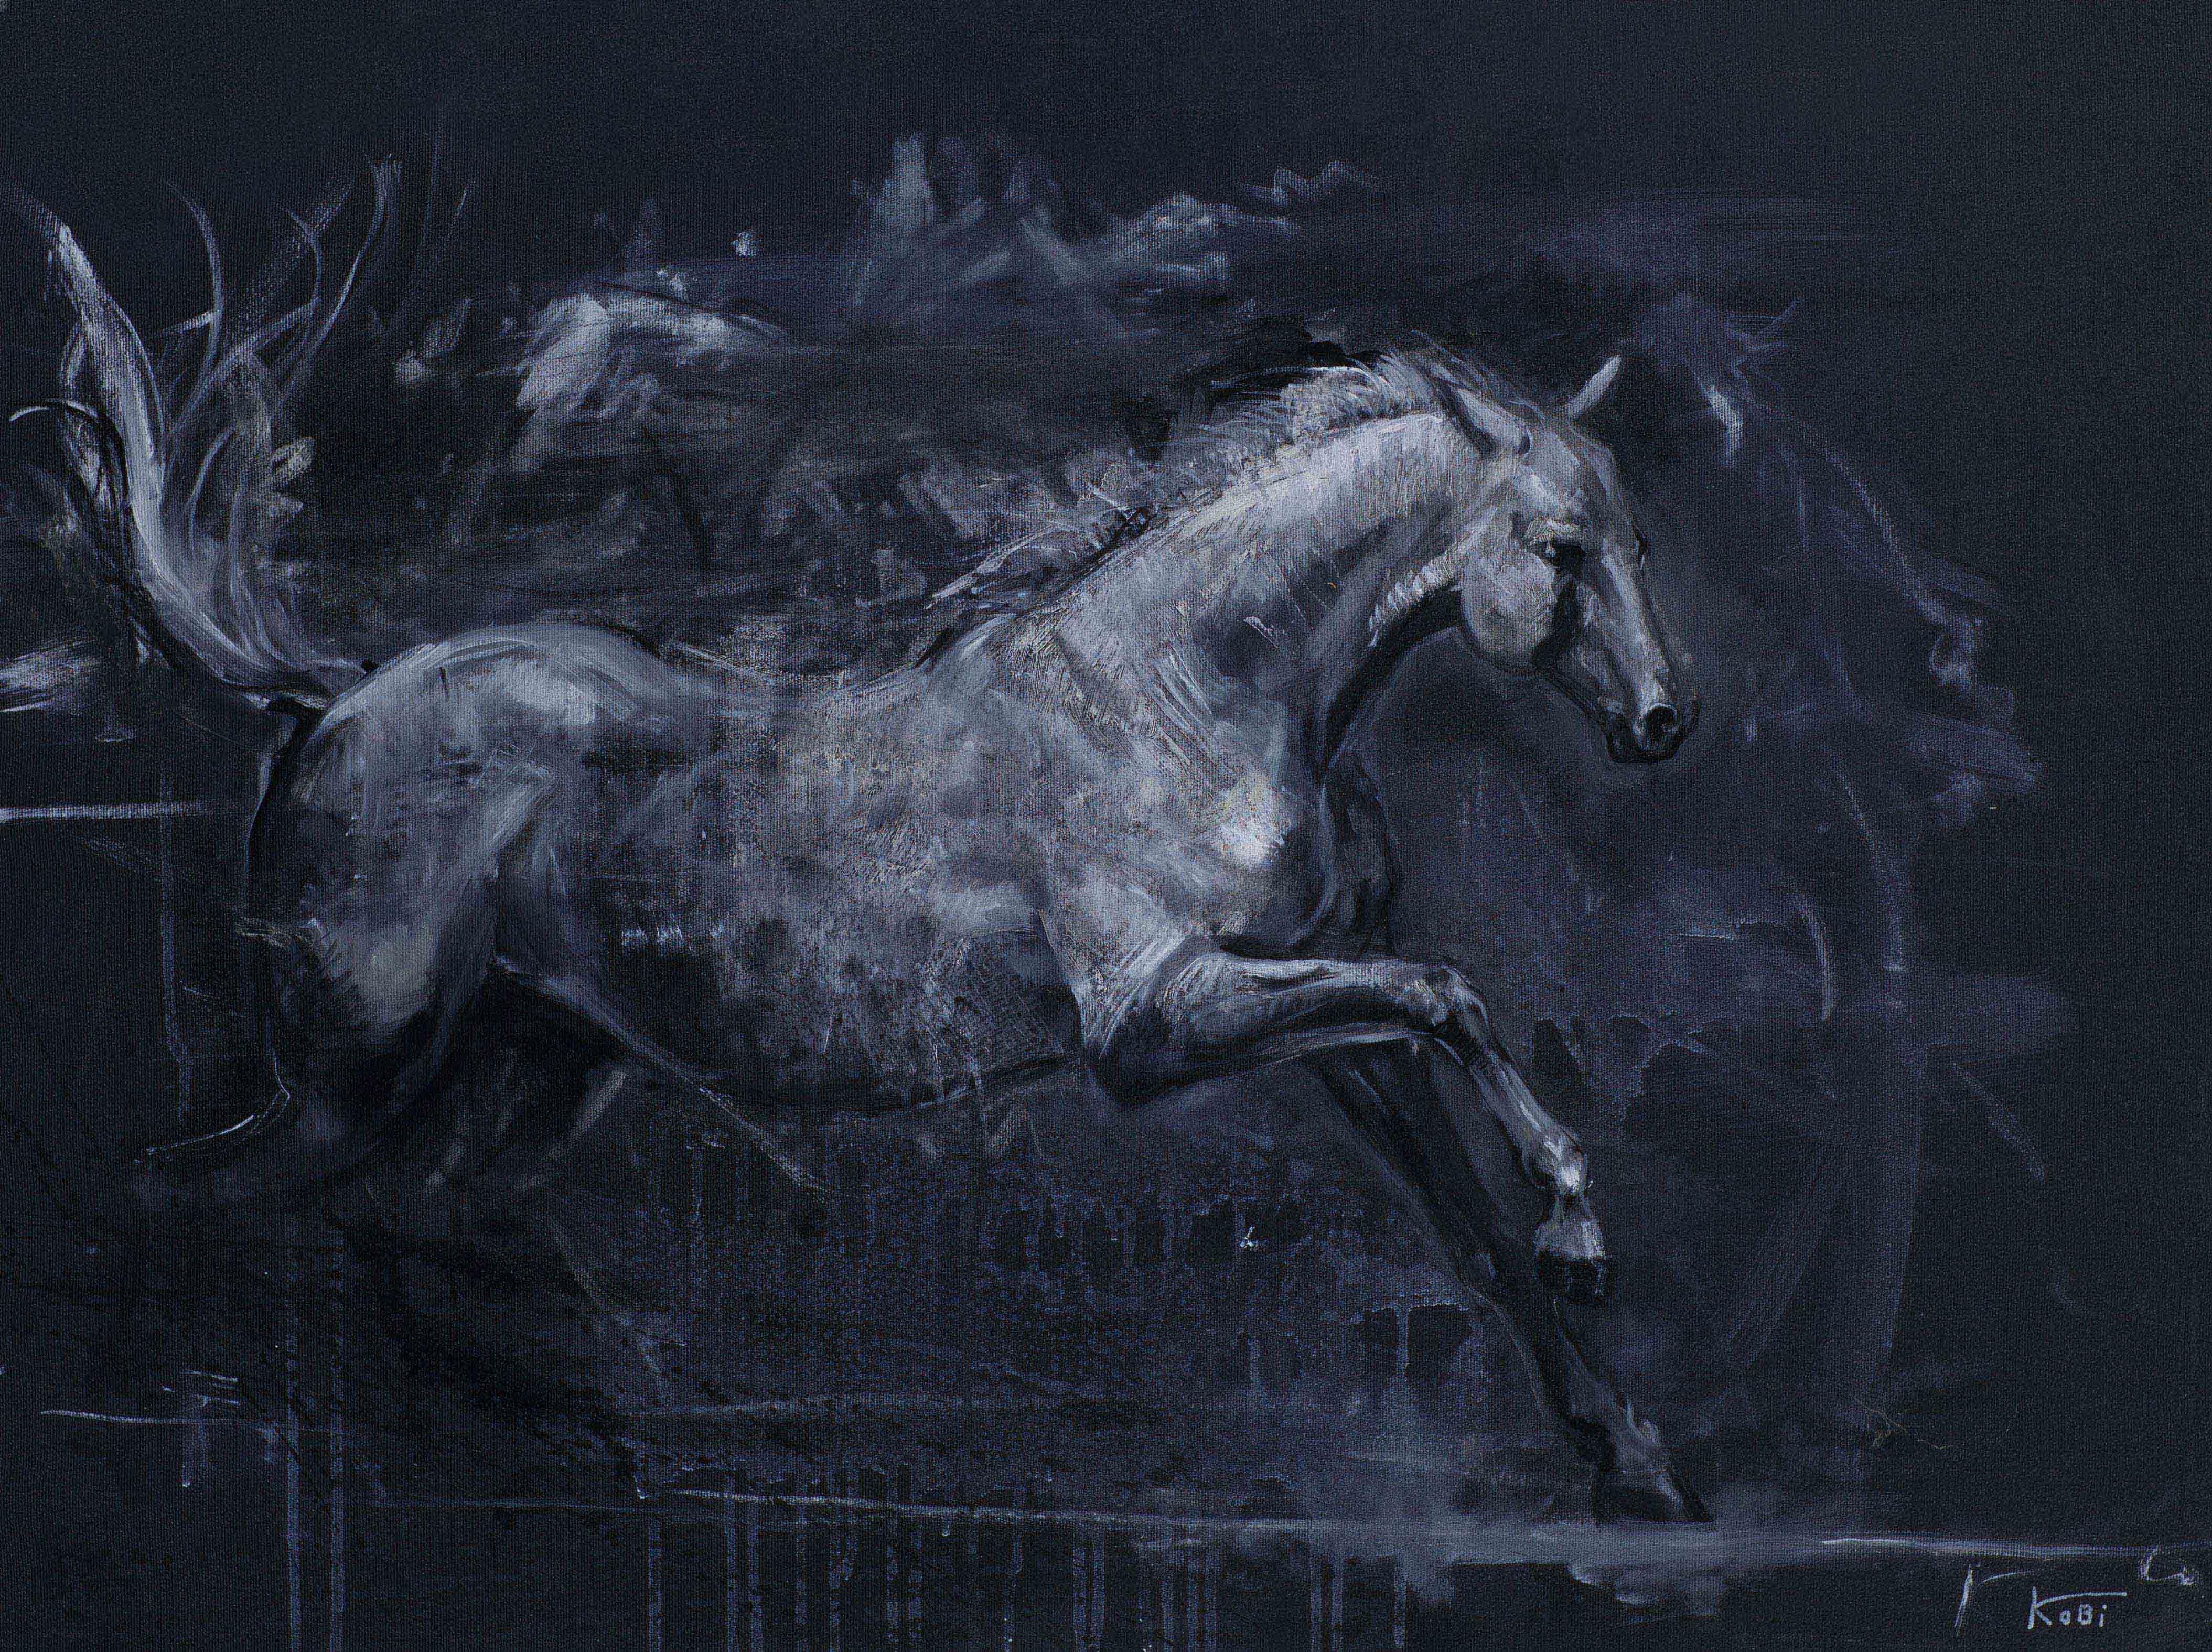 ცხენი